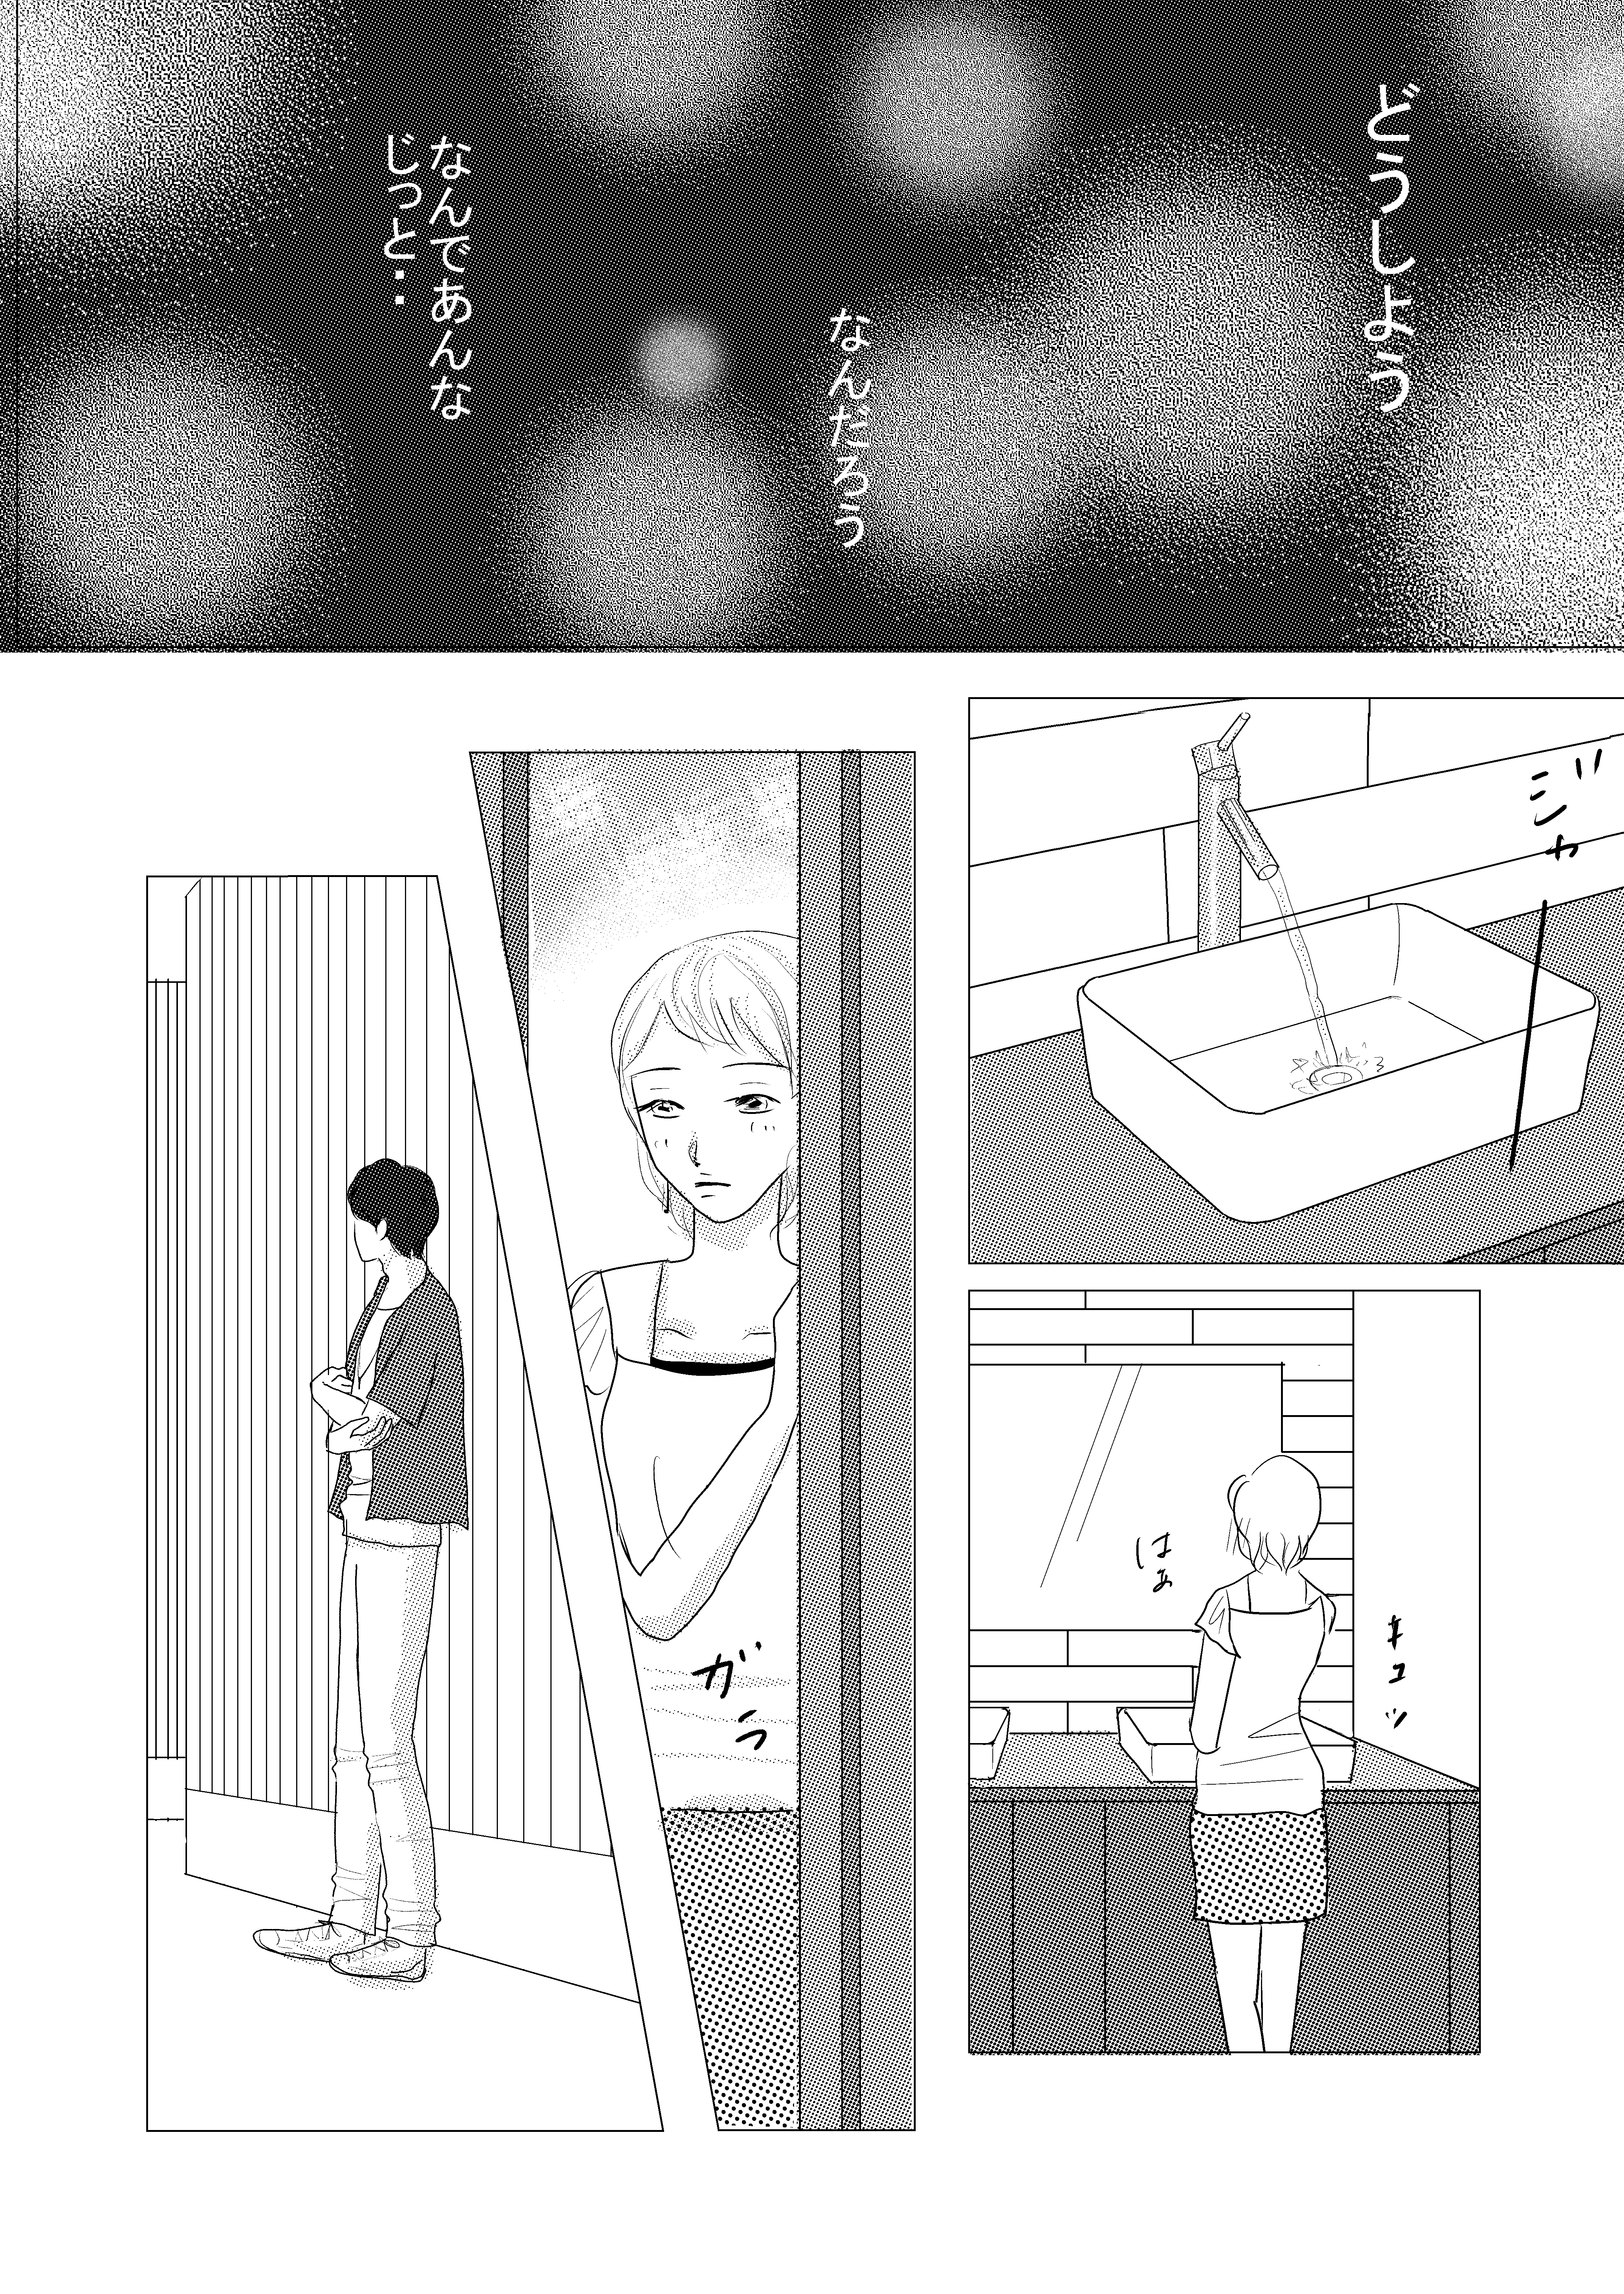 恋愛漫画/イケメン/大学生/社会人/大学生で初めて付き合う/初めての彼氏/shoujyo manga/待ち伏せ/イラスト/64ページ